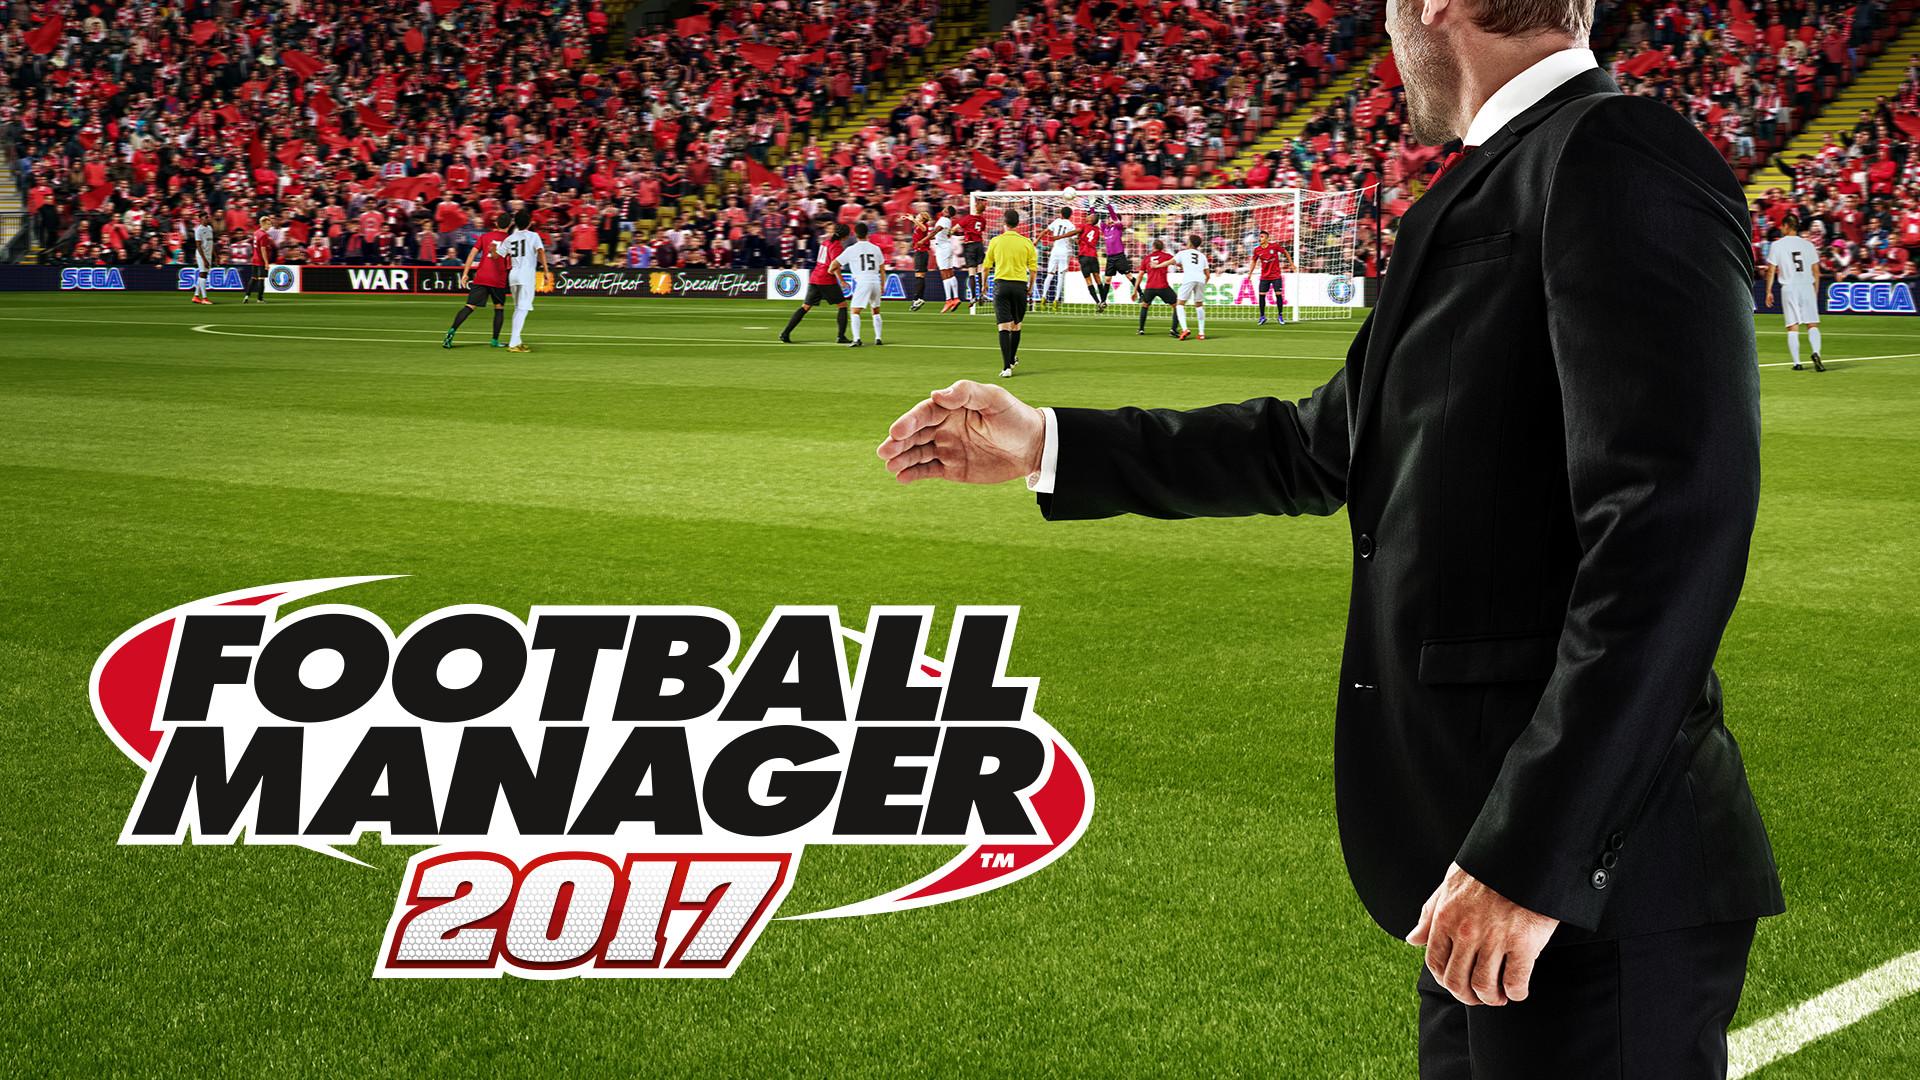 Football Manager 2017, uno de los mejores juegos de fútbol para PC del año